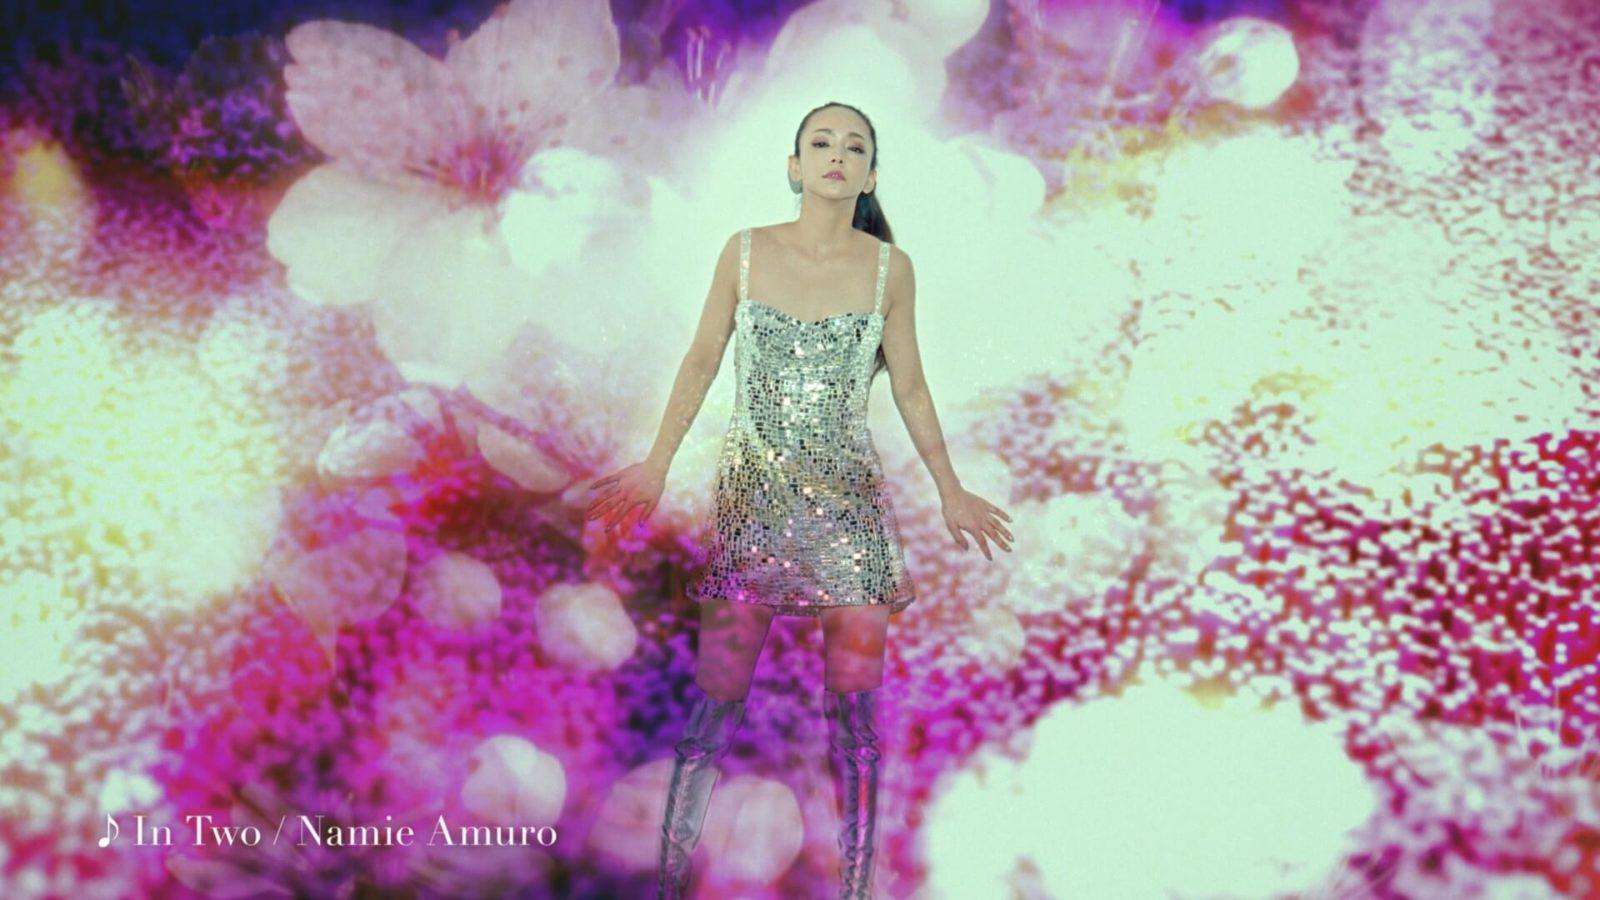 安室奈美恵 感謝の気持ちを伝えるプロジェクト第4弾が全国一斉放映サムネイル画像